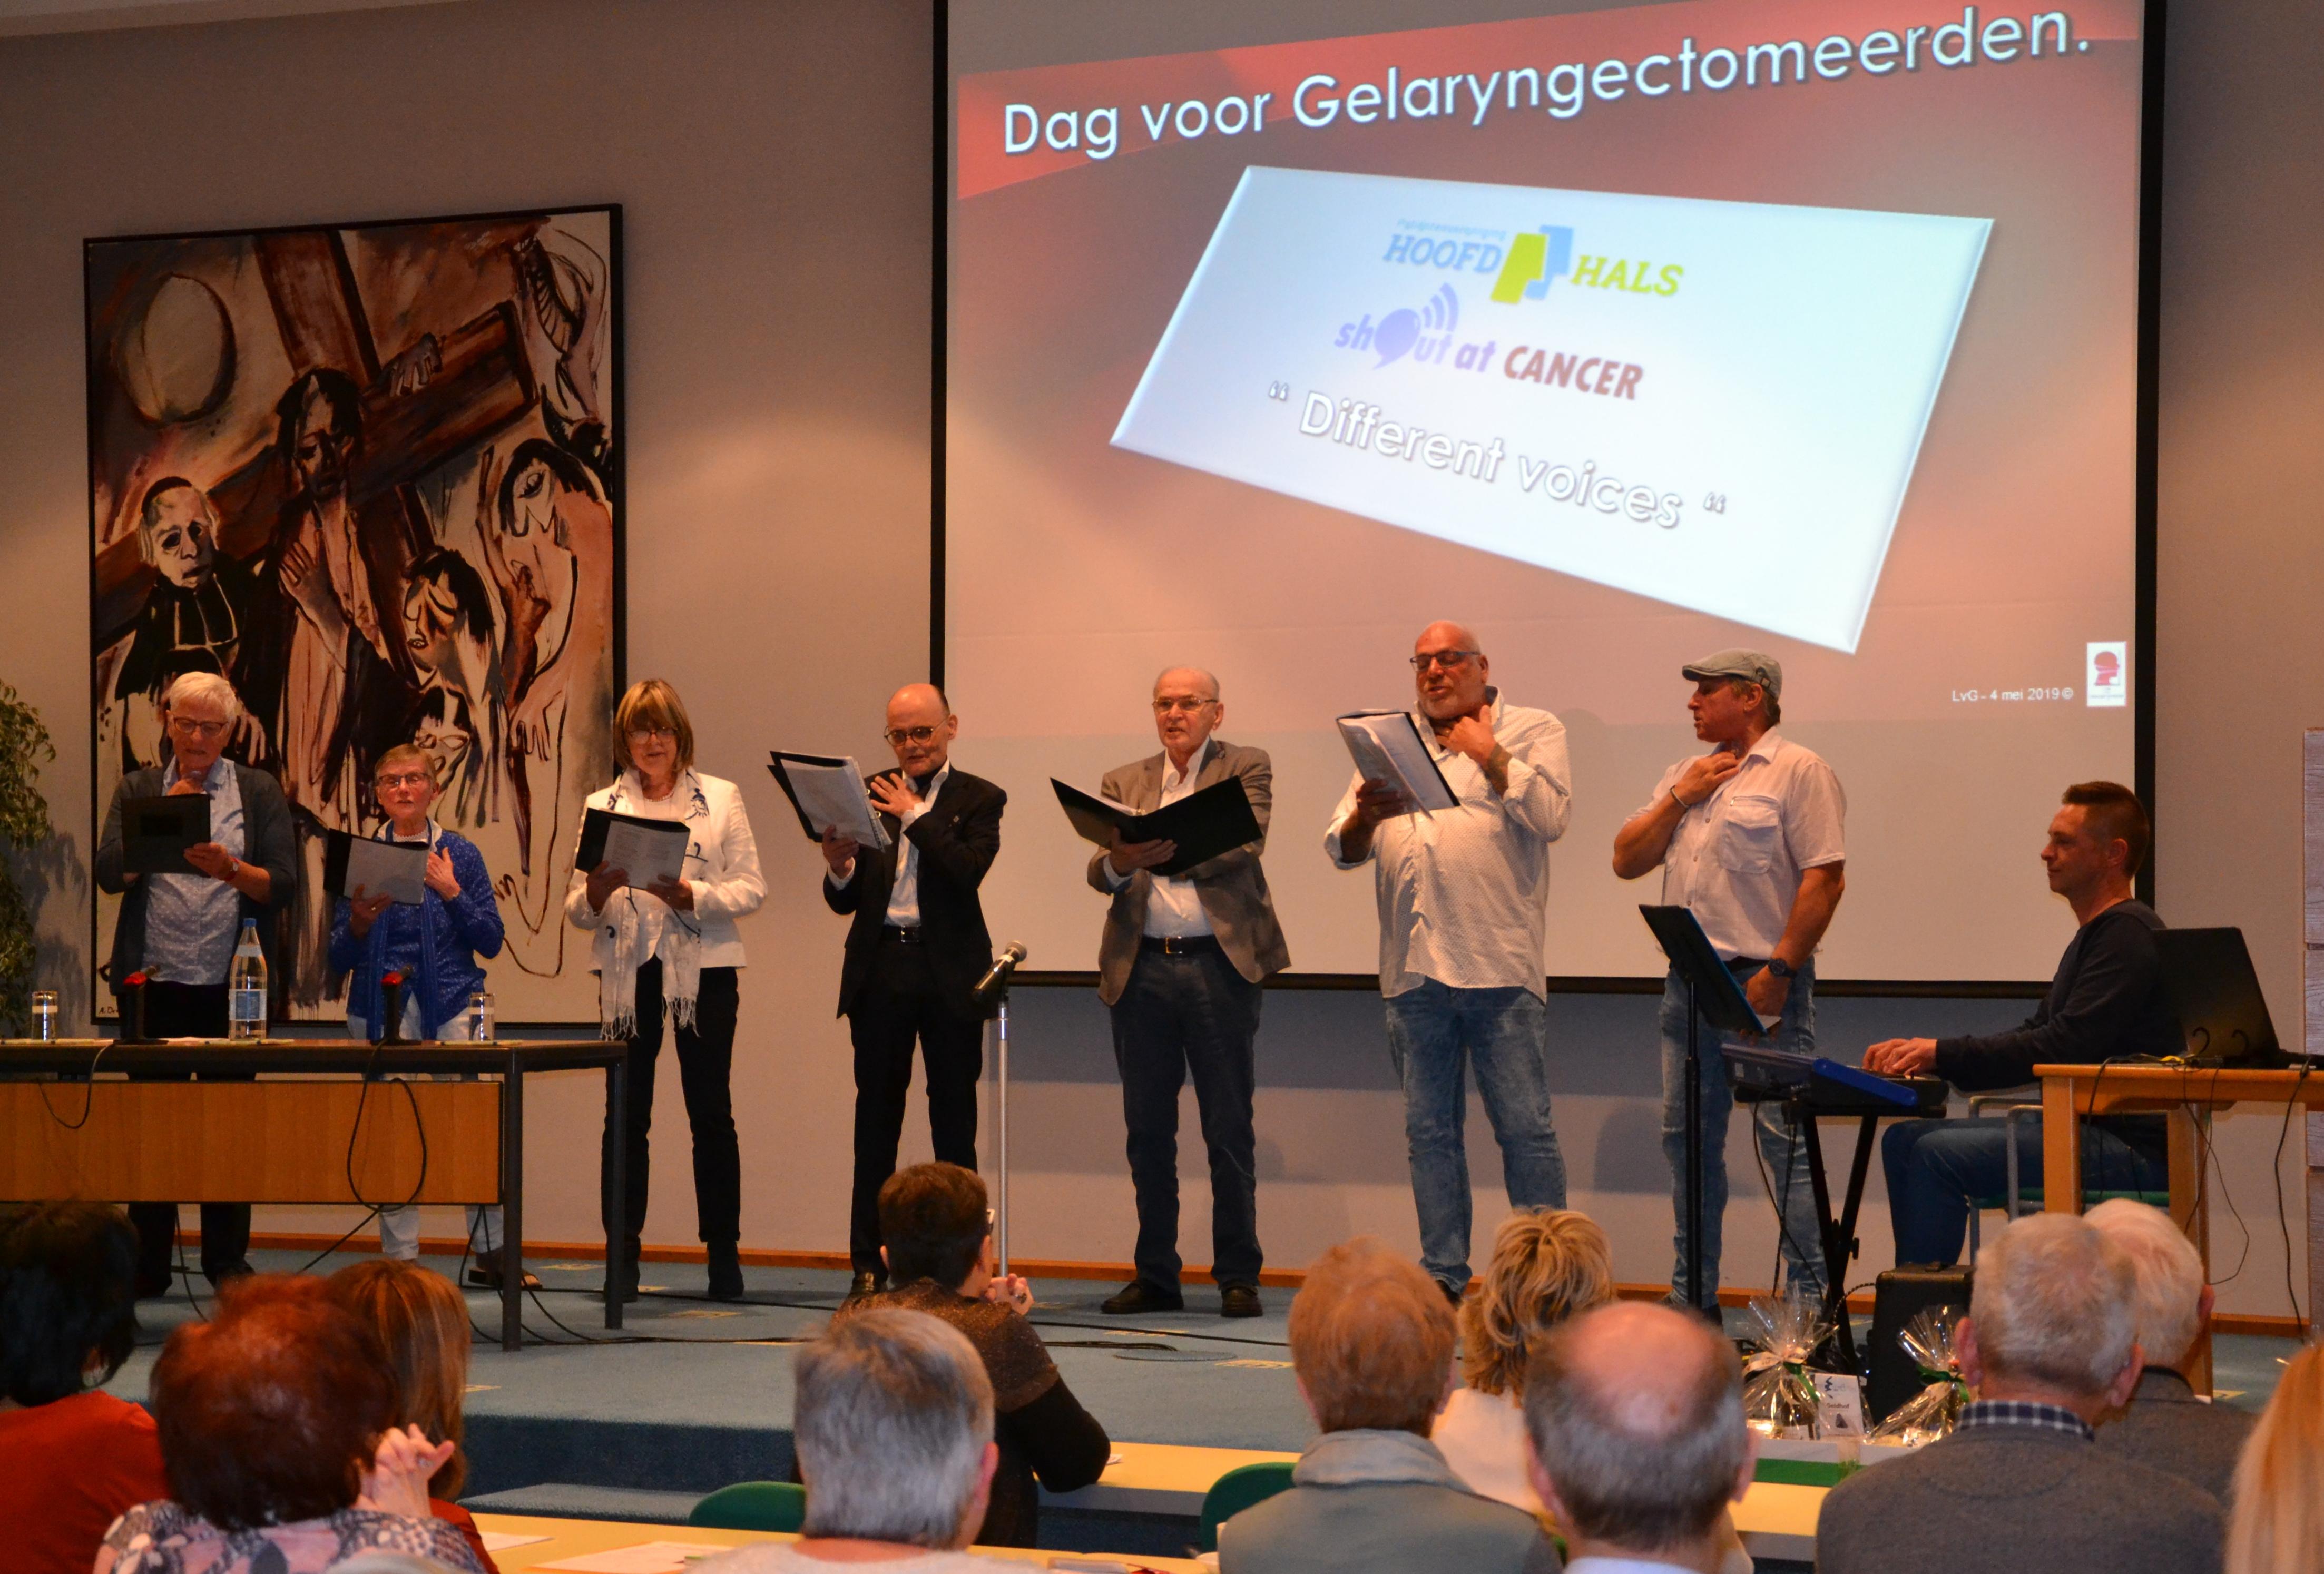 Koor Different Voices zingt op 4 mei 2019 op symposium in Gent